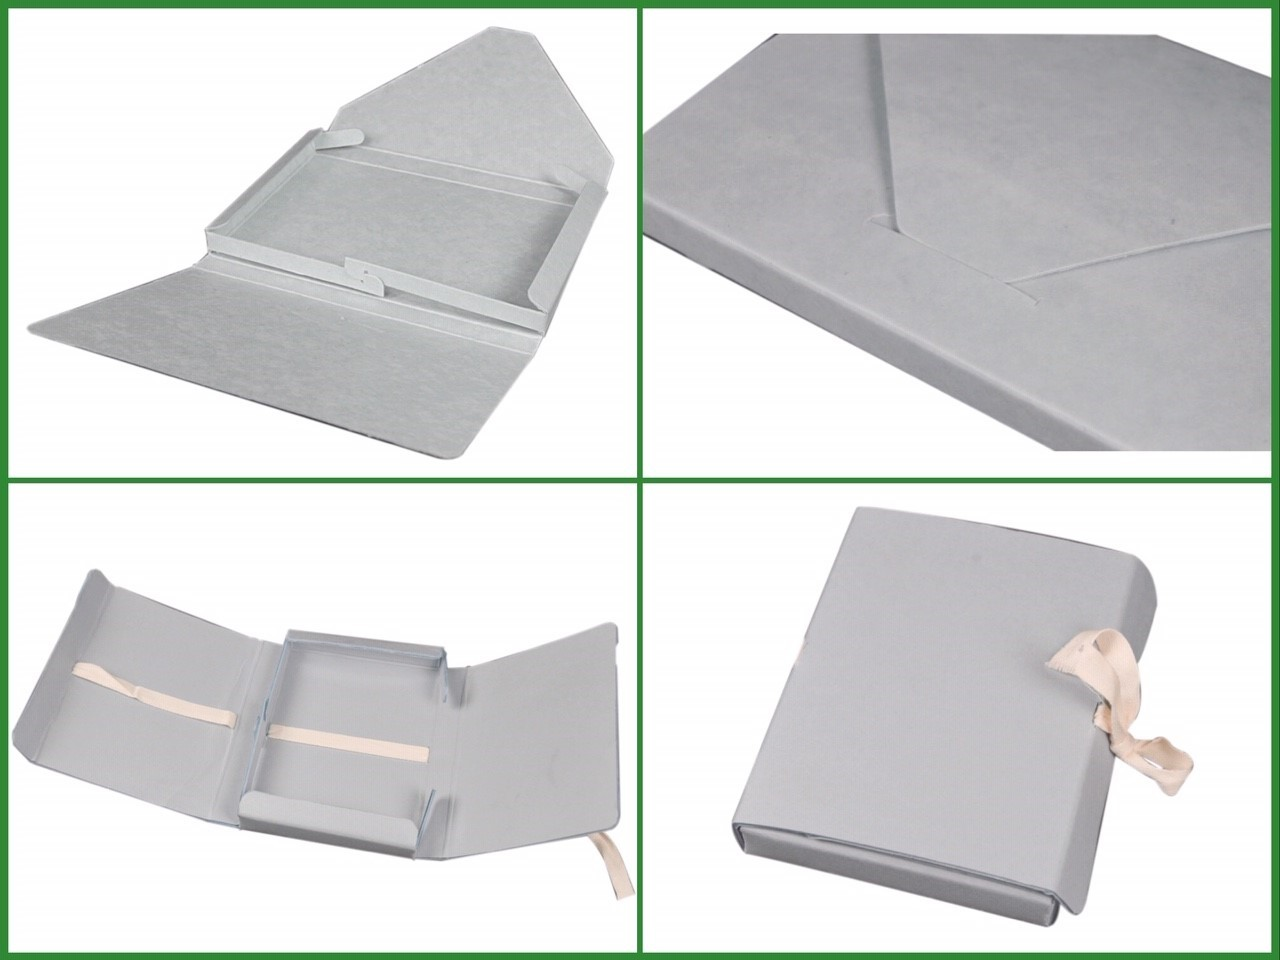 Flap folders